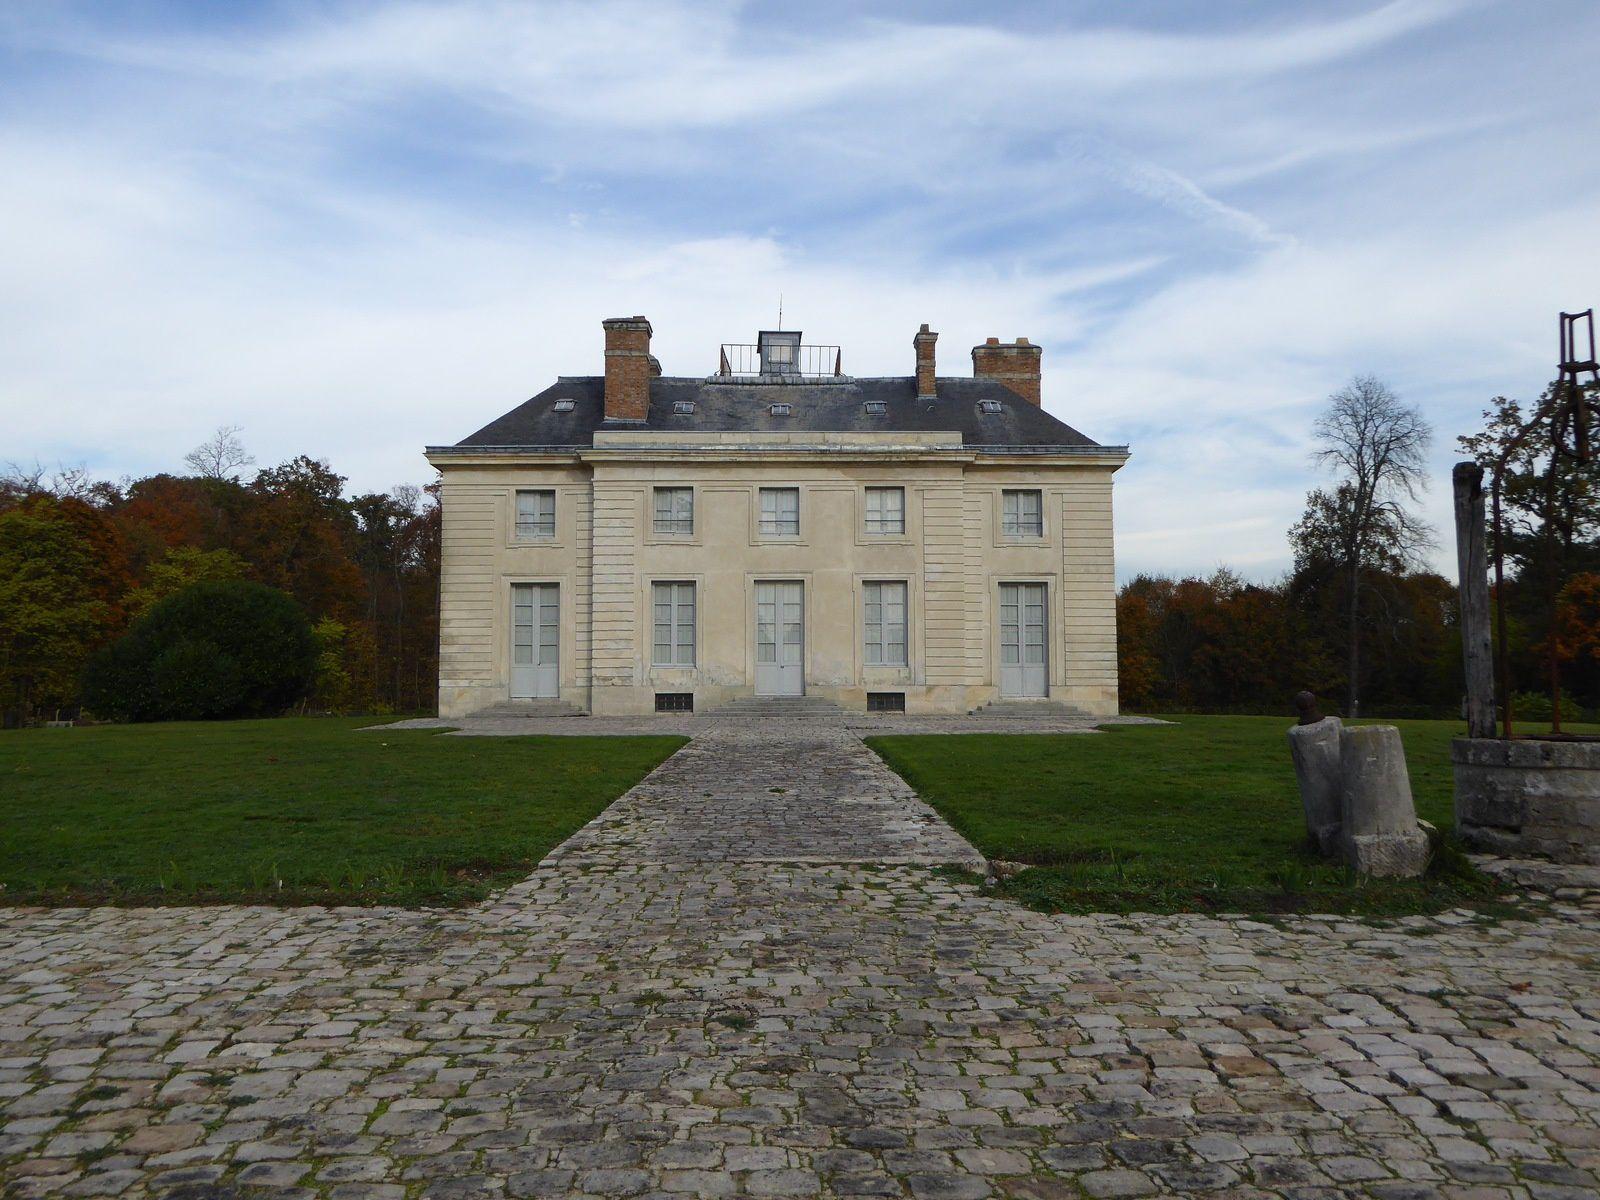 Randonnée de Saint-Germain-en-Laye à Conflans-Sainte-Honorine, 19 km.